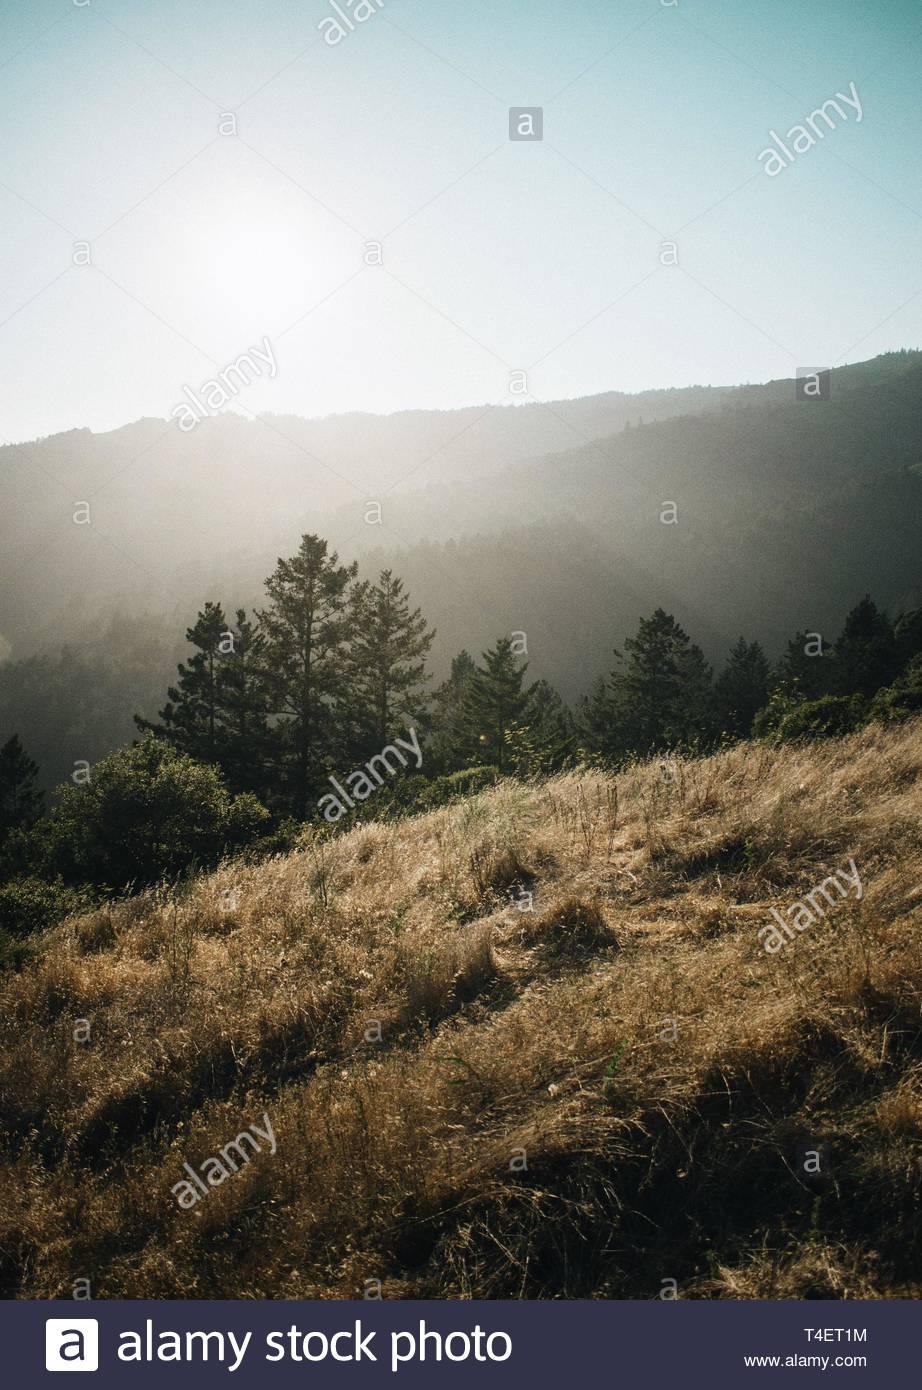 tree tops between hills - Stock Image